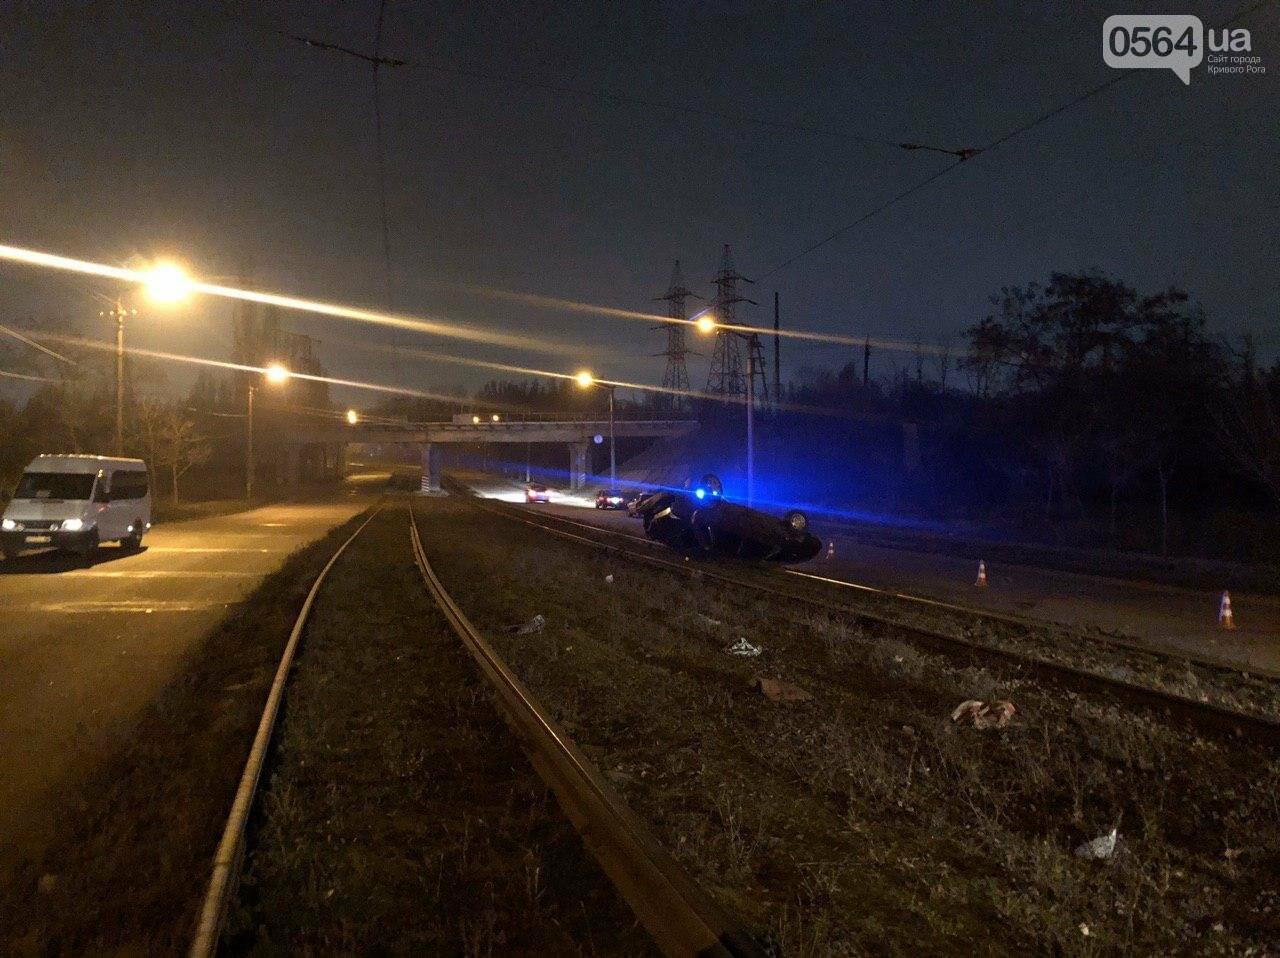 В Кривом Роге автомобиль перевернулся на трамвайной колее на крышу. Есть пострадавшие, - ФОТО , фото-1